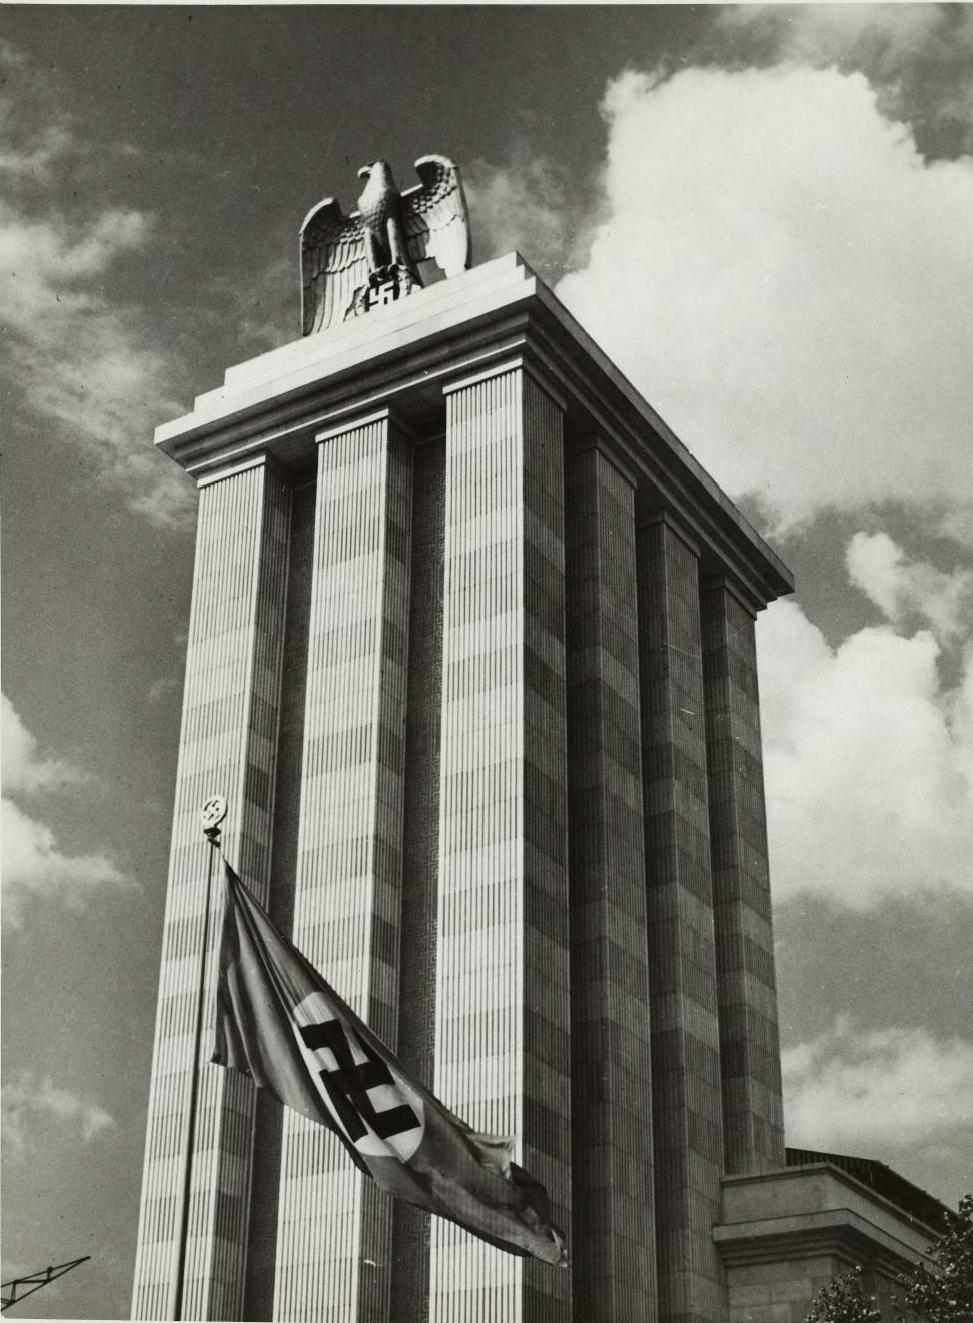 Павильон Германии, построенный по проекту архитектора Альберта Шпеера. Главный фасад увенчан бронзовым орлом